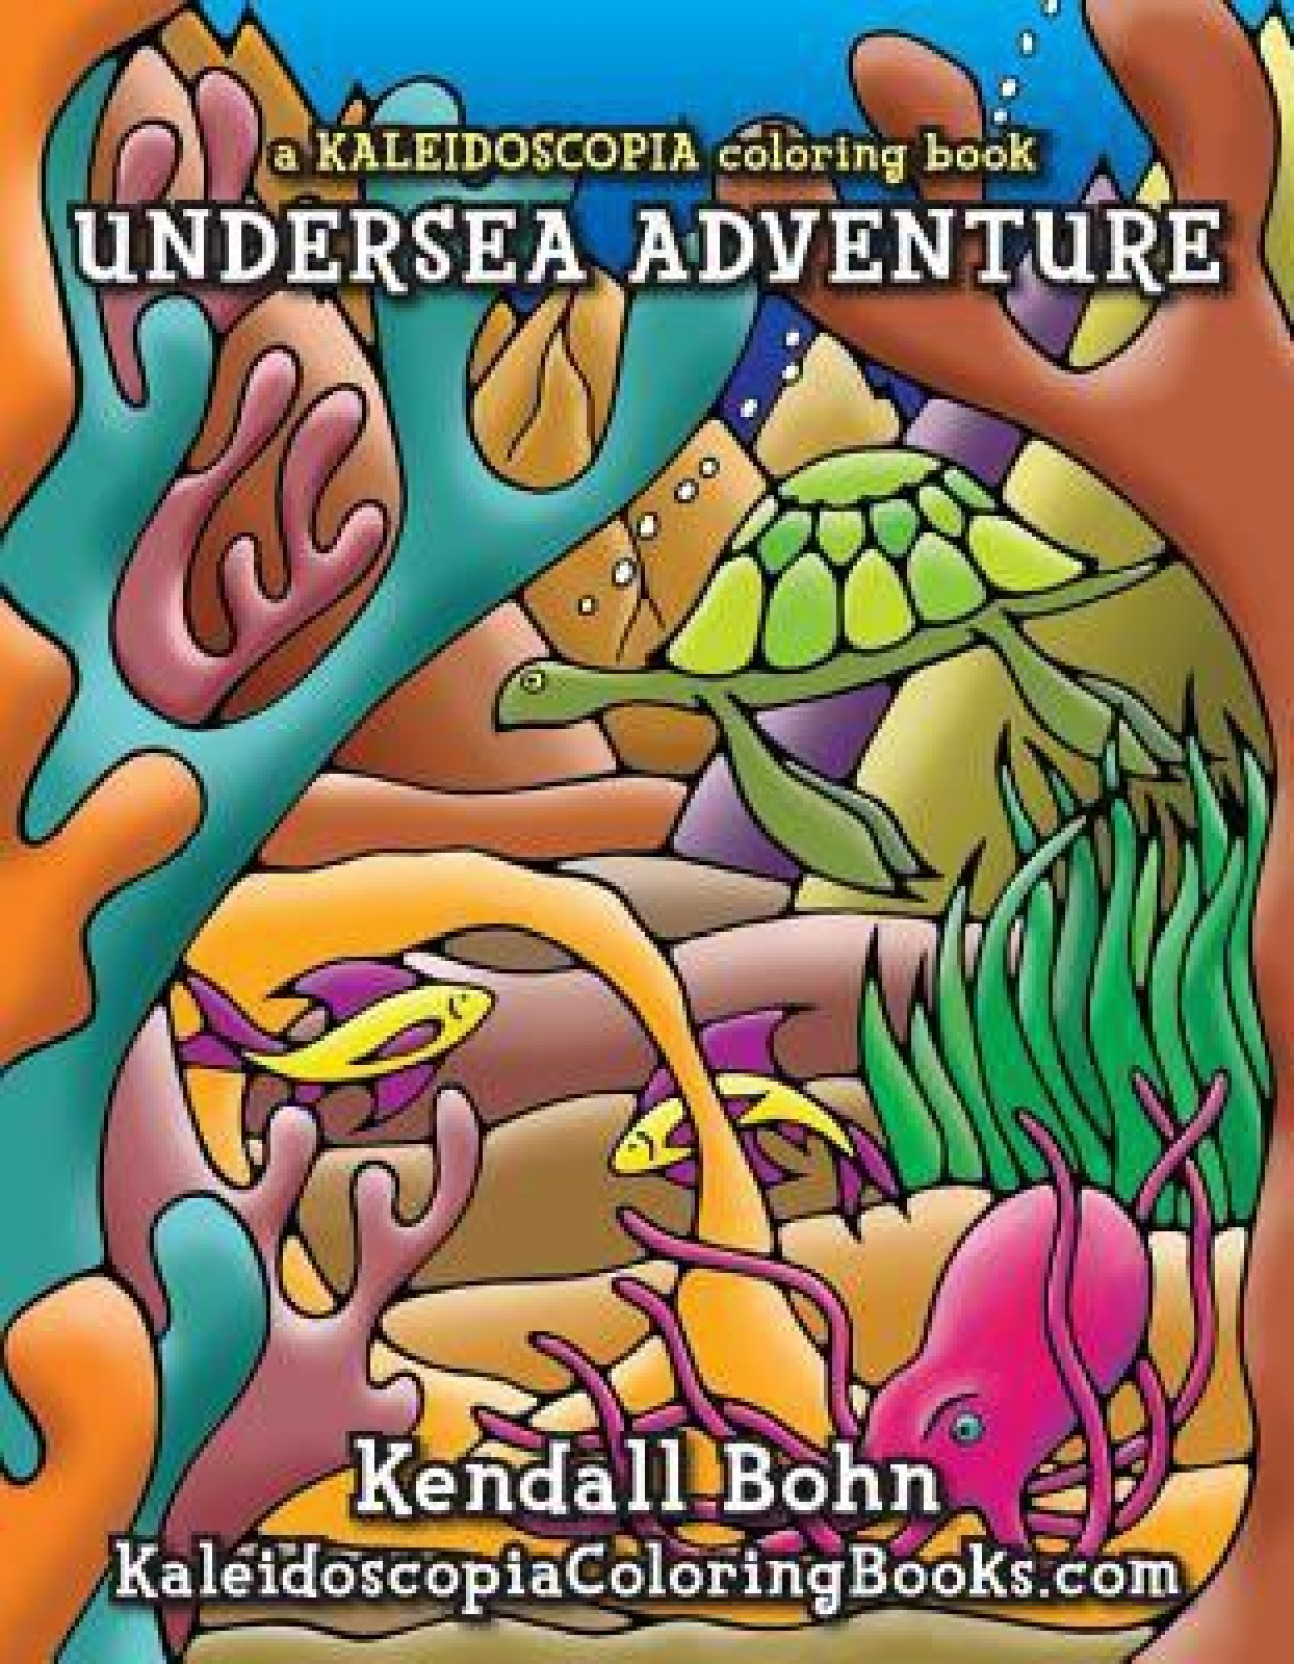 Undersea Adventure: A Kaleidoscopia Coloring Book - Buy ...